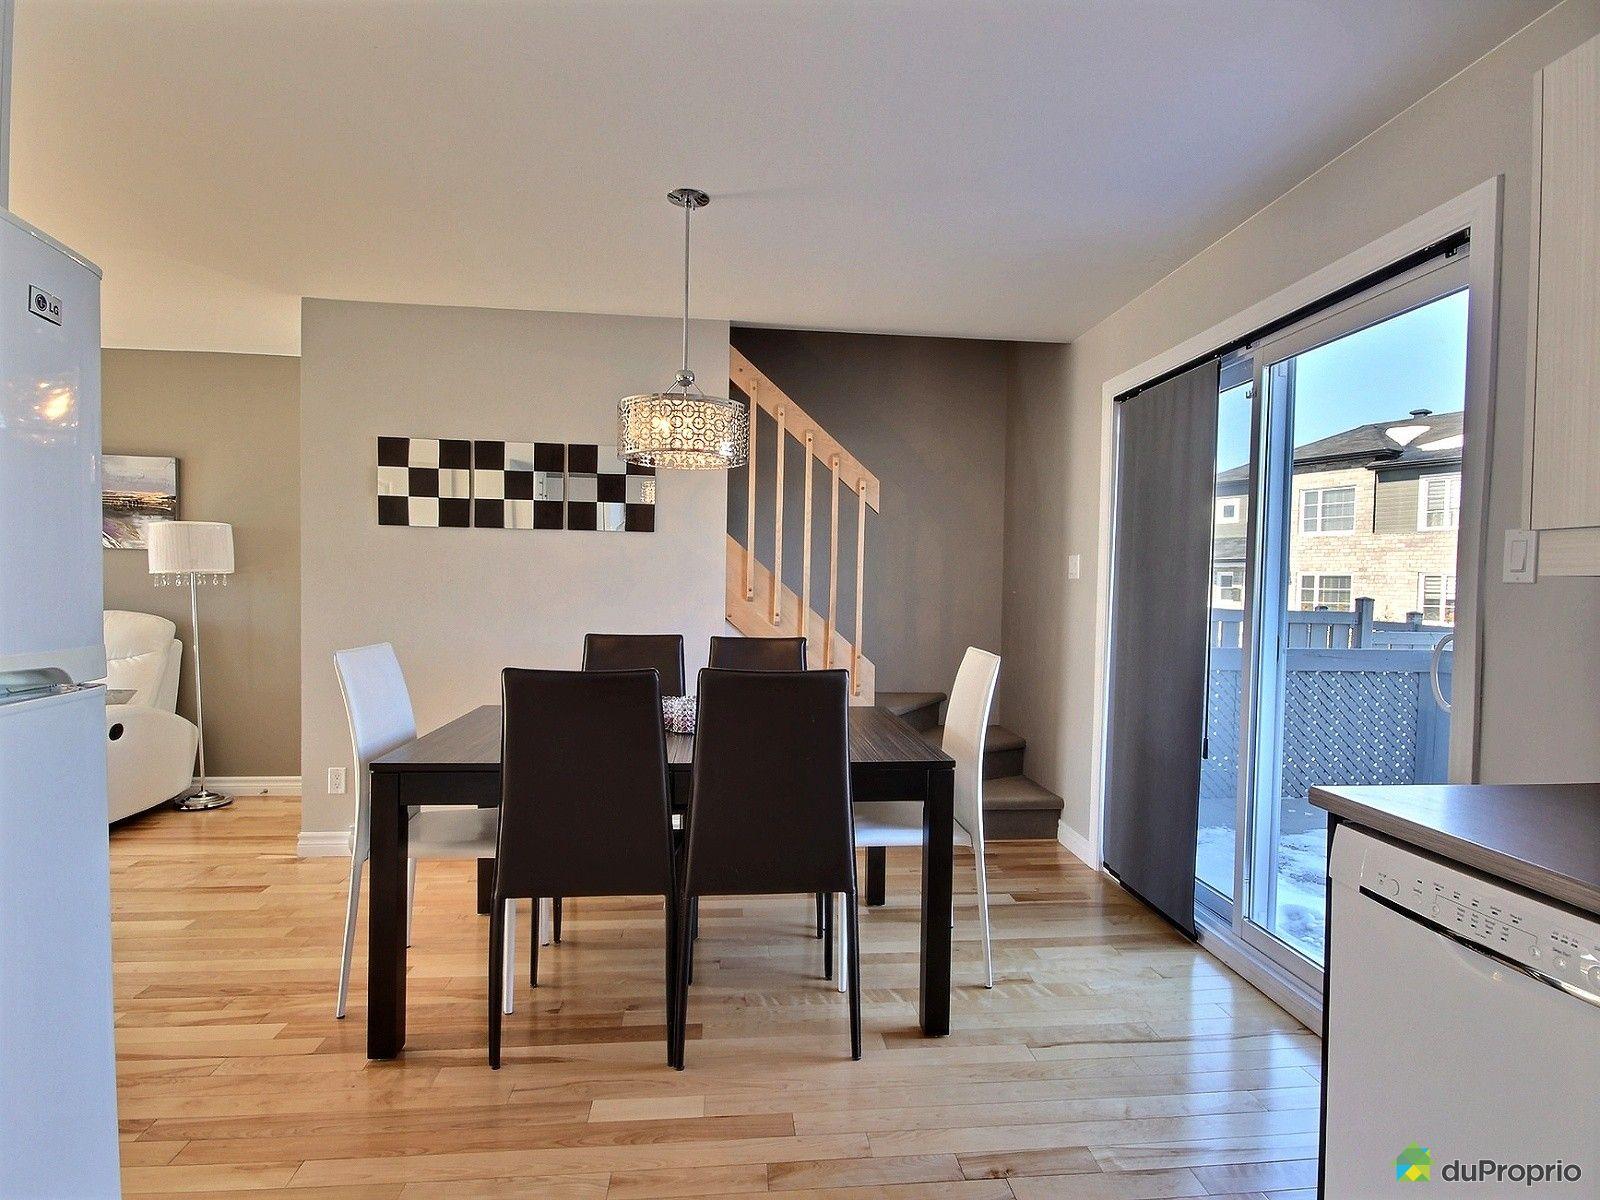 Maison à vendre l'ancienne lorette, 2141b rue notre dame ...